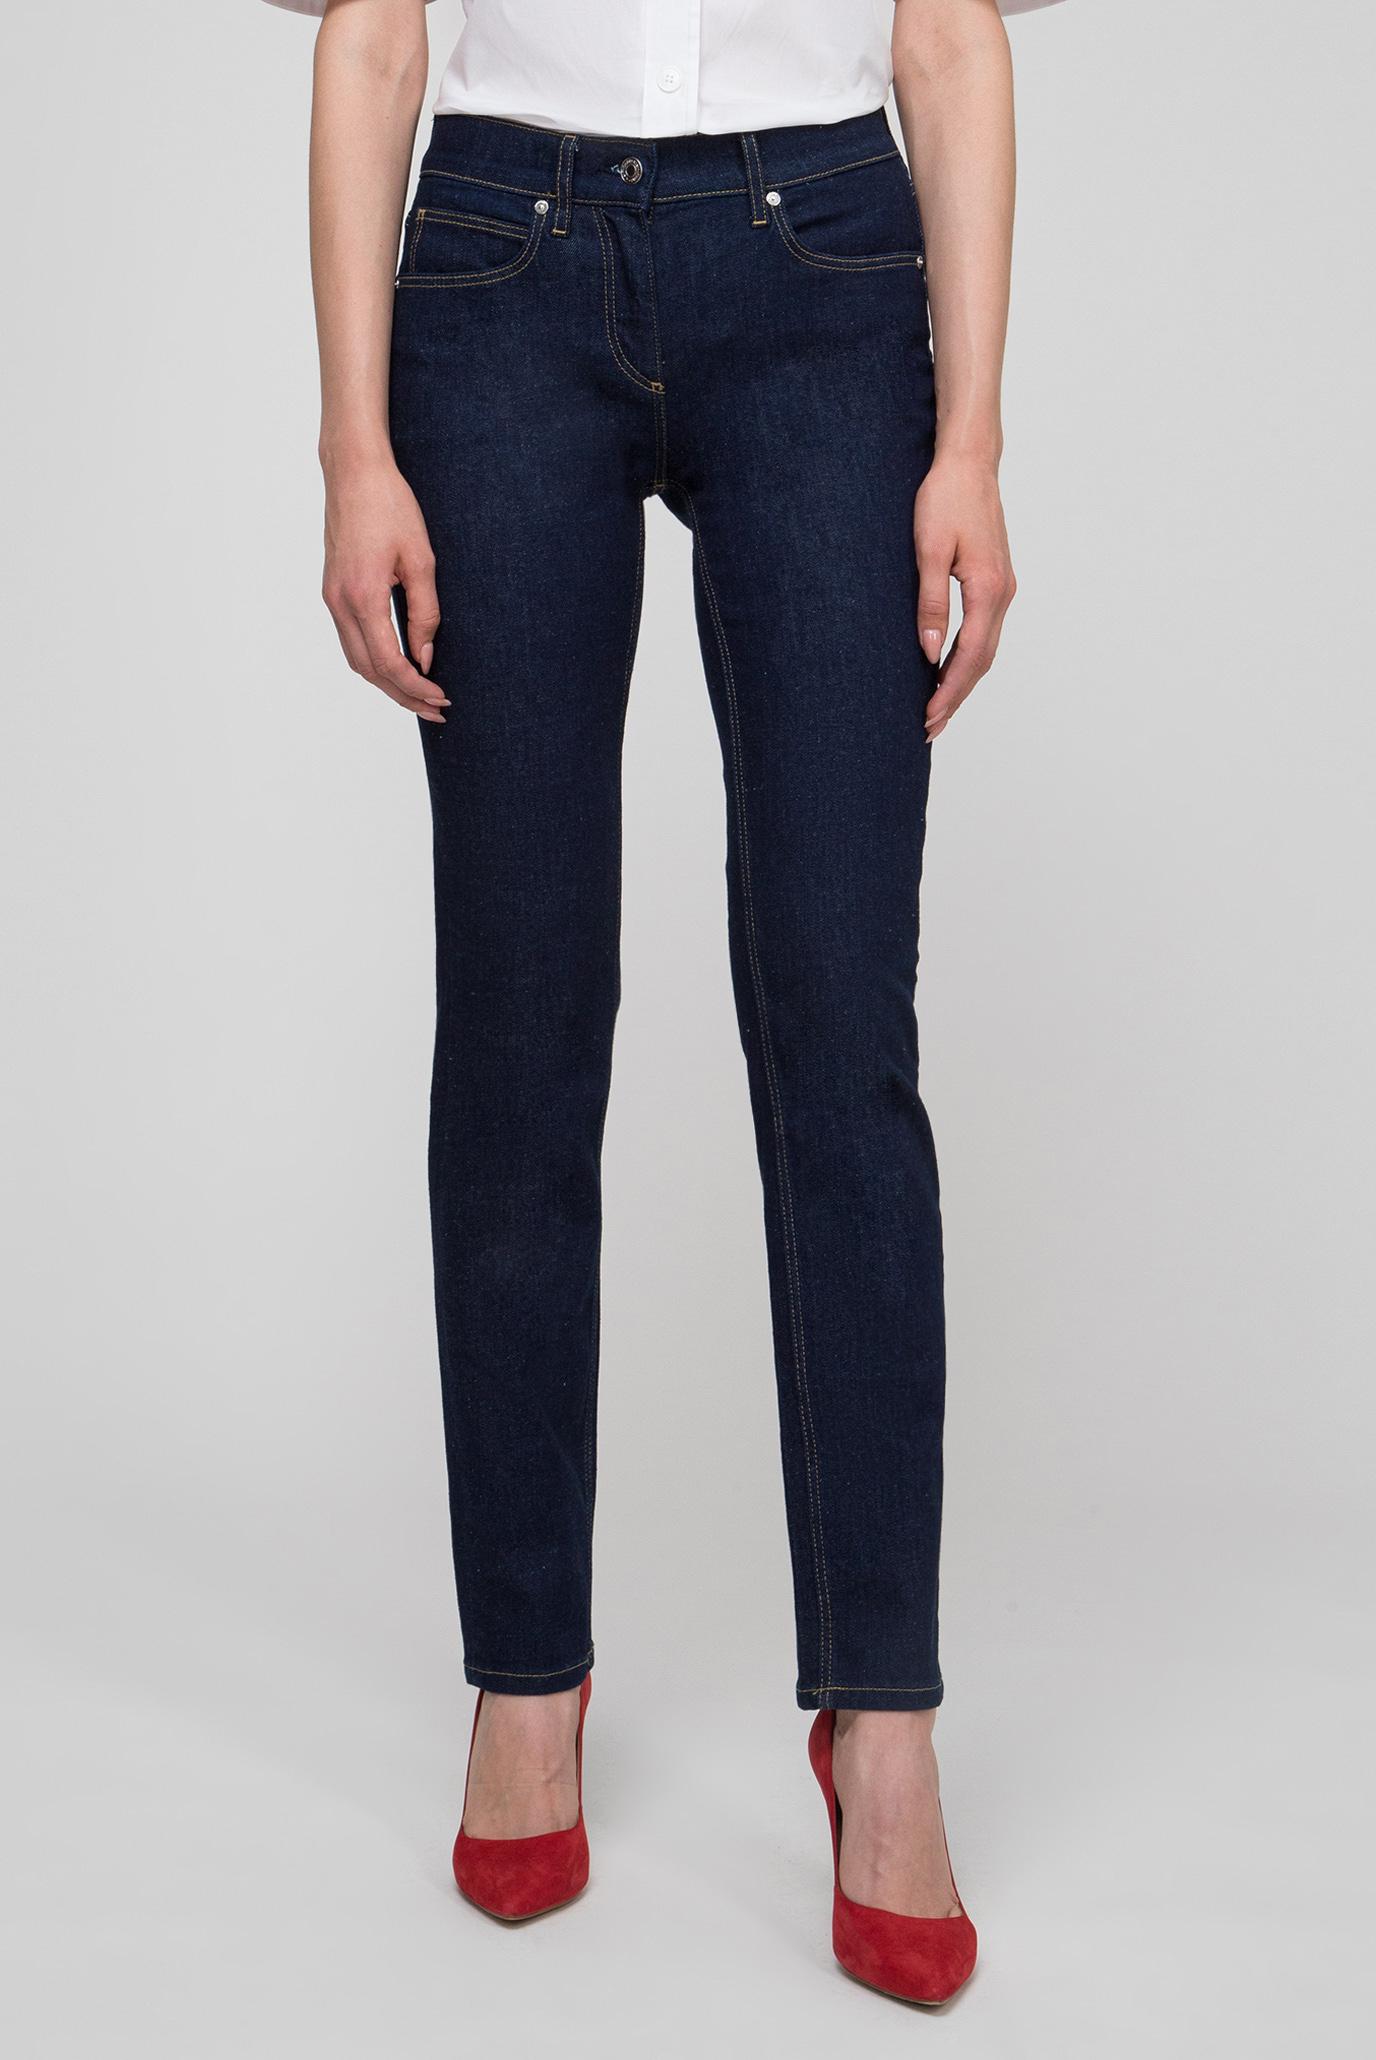 Купить Женские темно-синие джинсы SLL 5PKT JEAN Calvin Klein Calvin Klein K20K200599 – Киев, Украина. Цены в интернет магазине MD Fashion